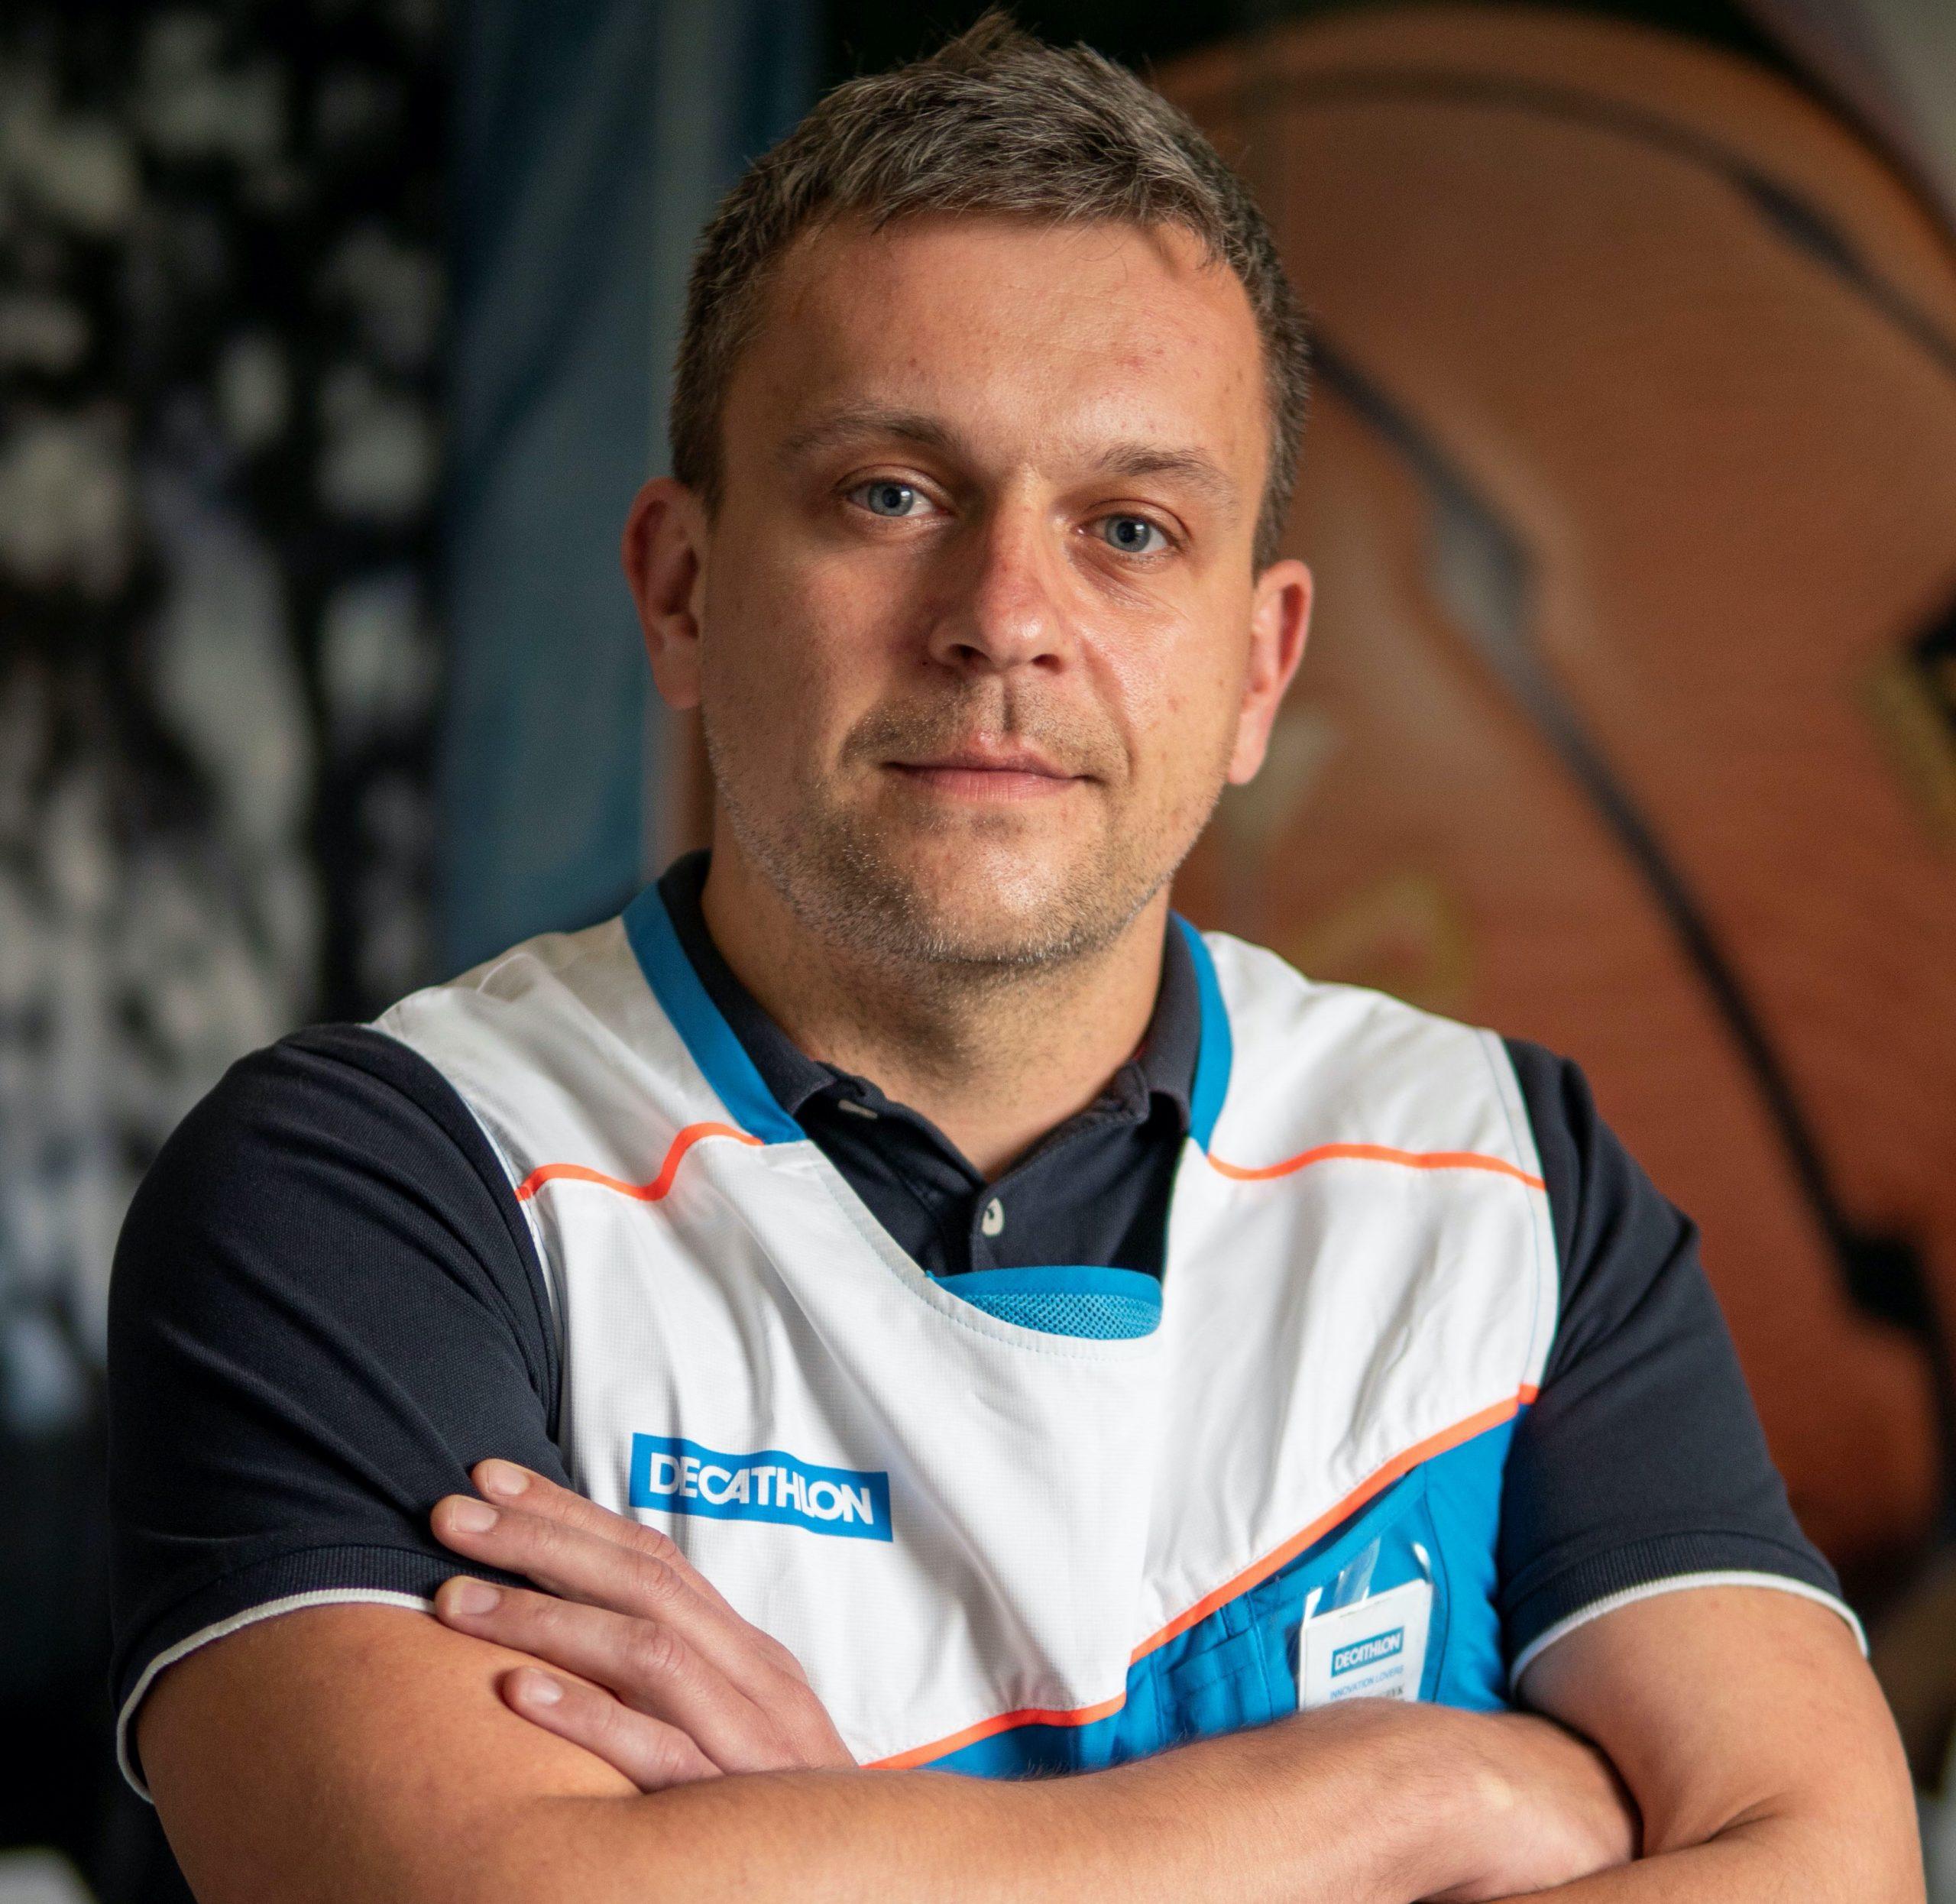 Pawel Krawczyk